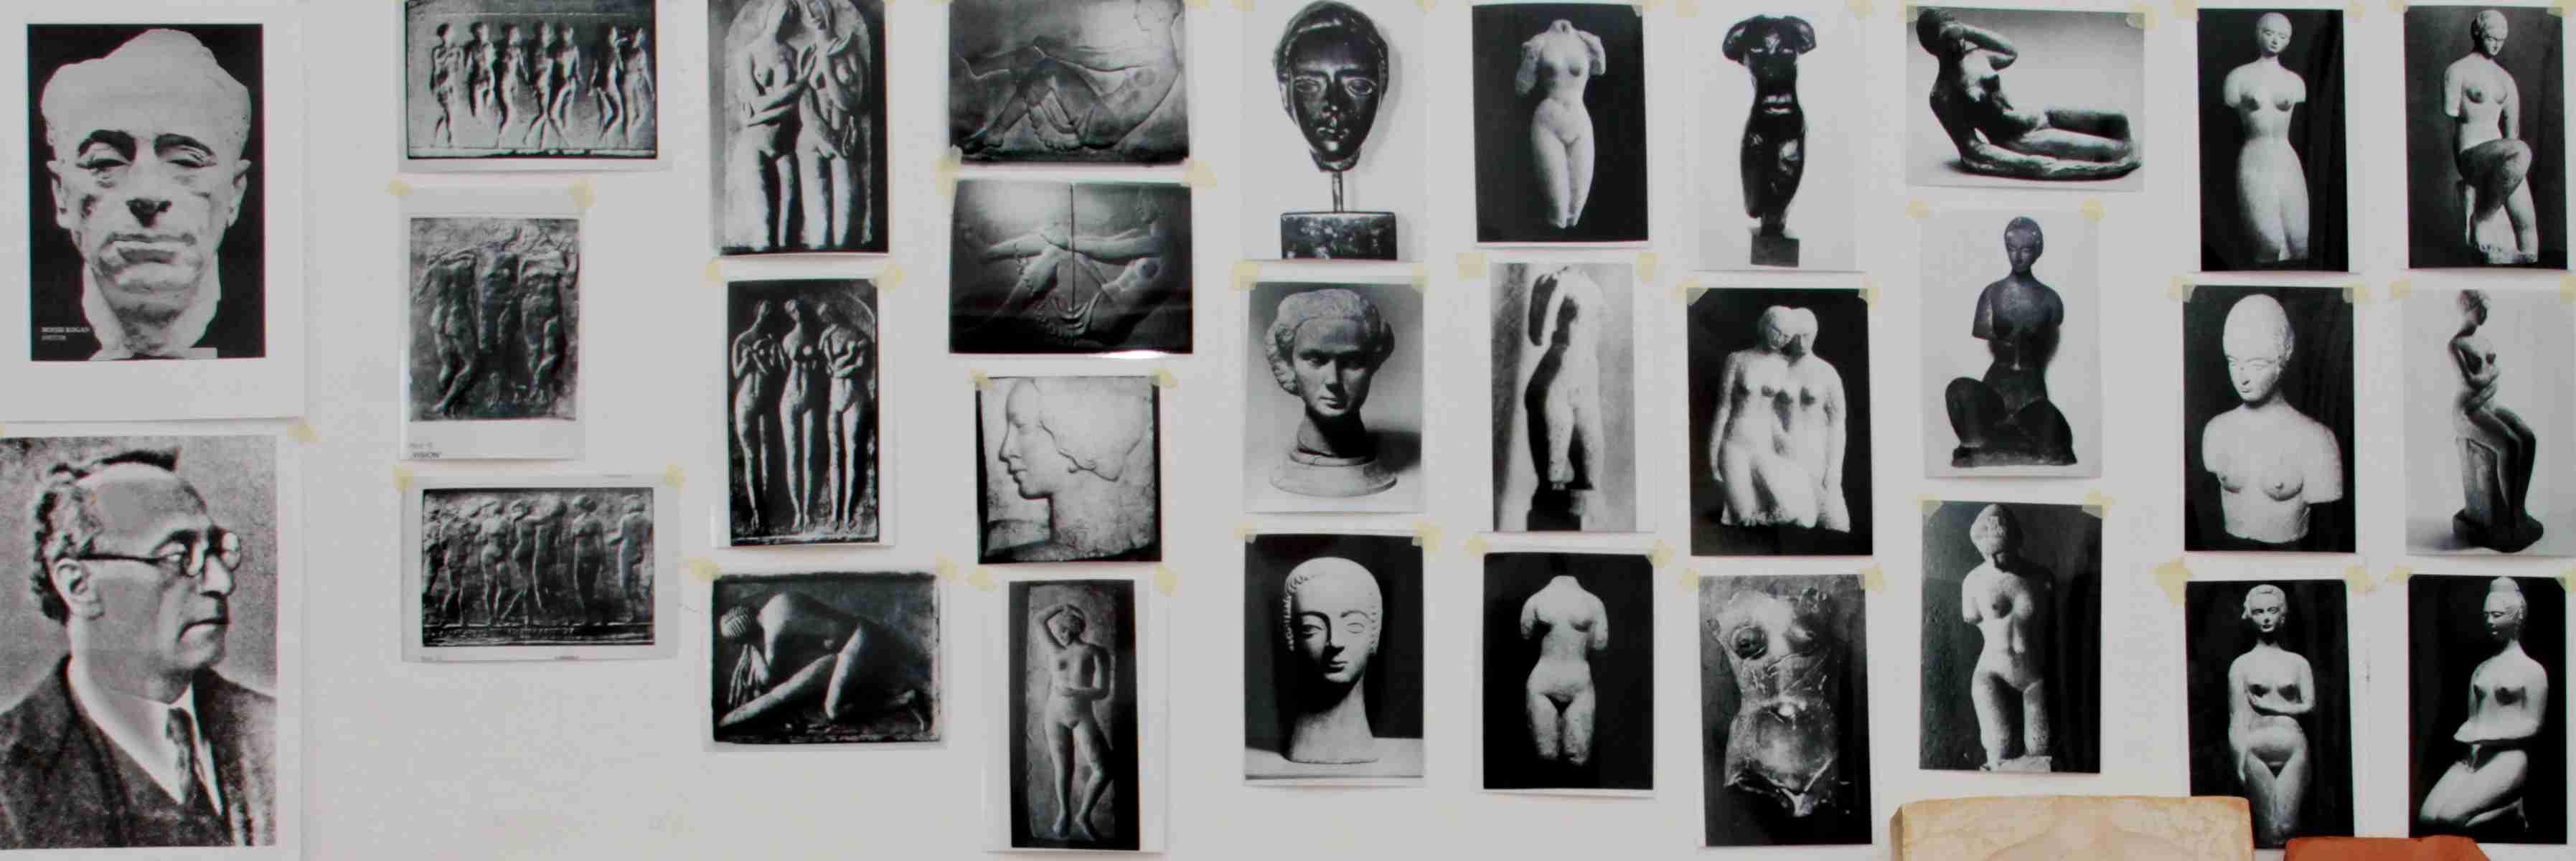 Fotos von Kogan, verschiedener Werke von Kogan und der Büste von Breker